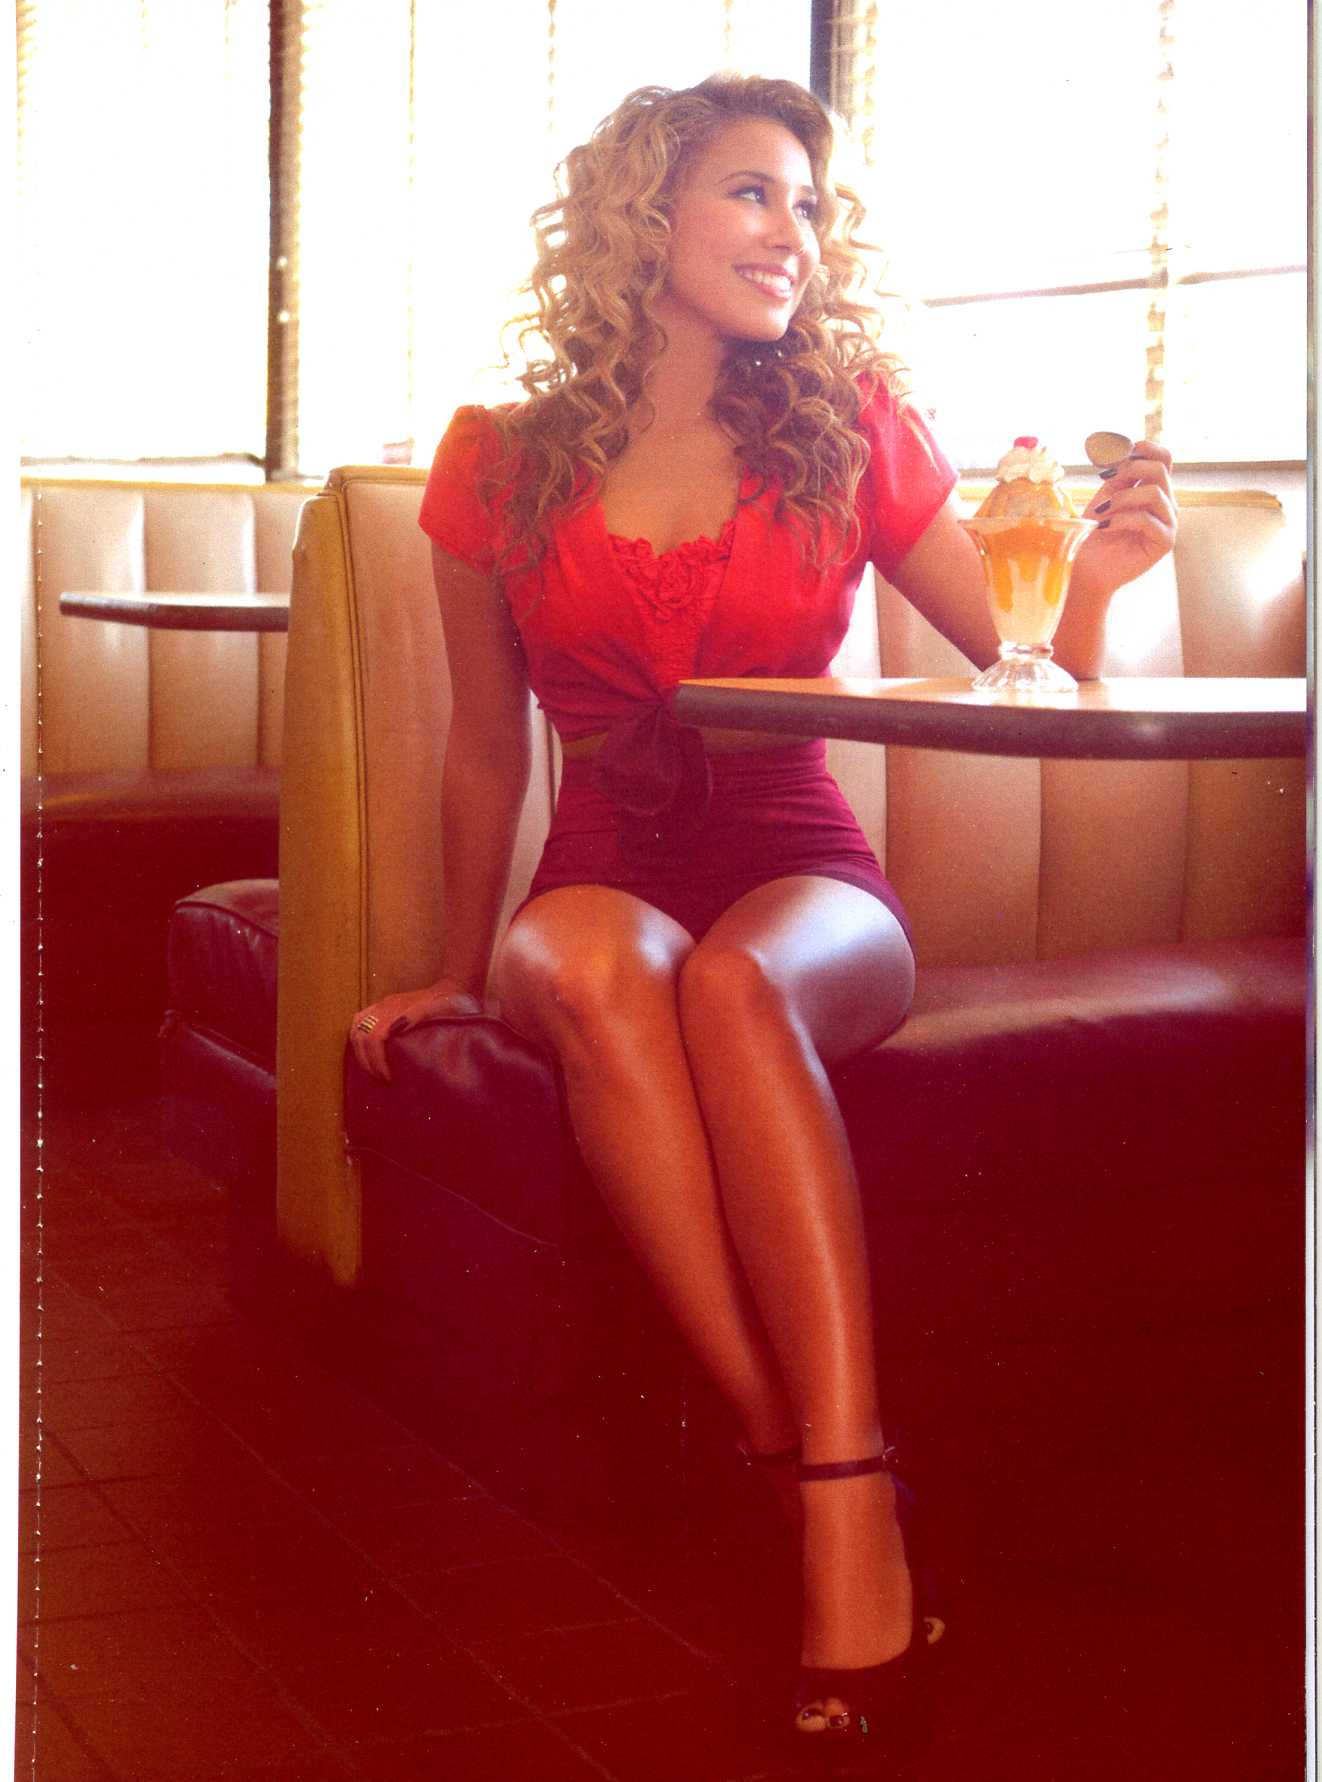 Haley Reinhart  9 September 1990 in Wheeling Illinois ist eine USamerikanische SingerSongwriterin die den dritten Platz in der zehnten Staffel von American Idol erreichte